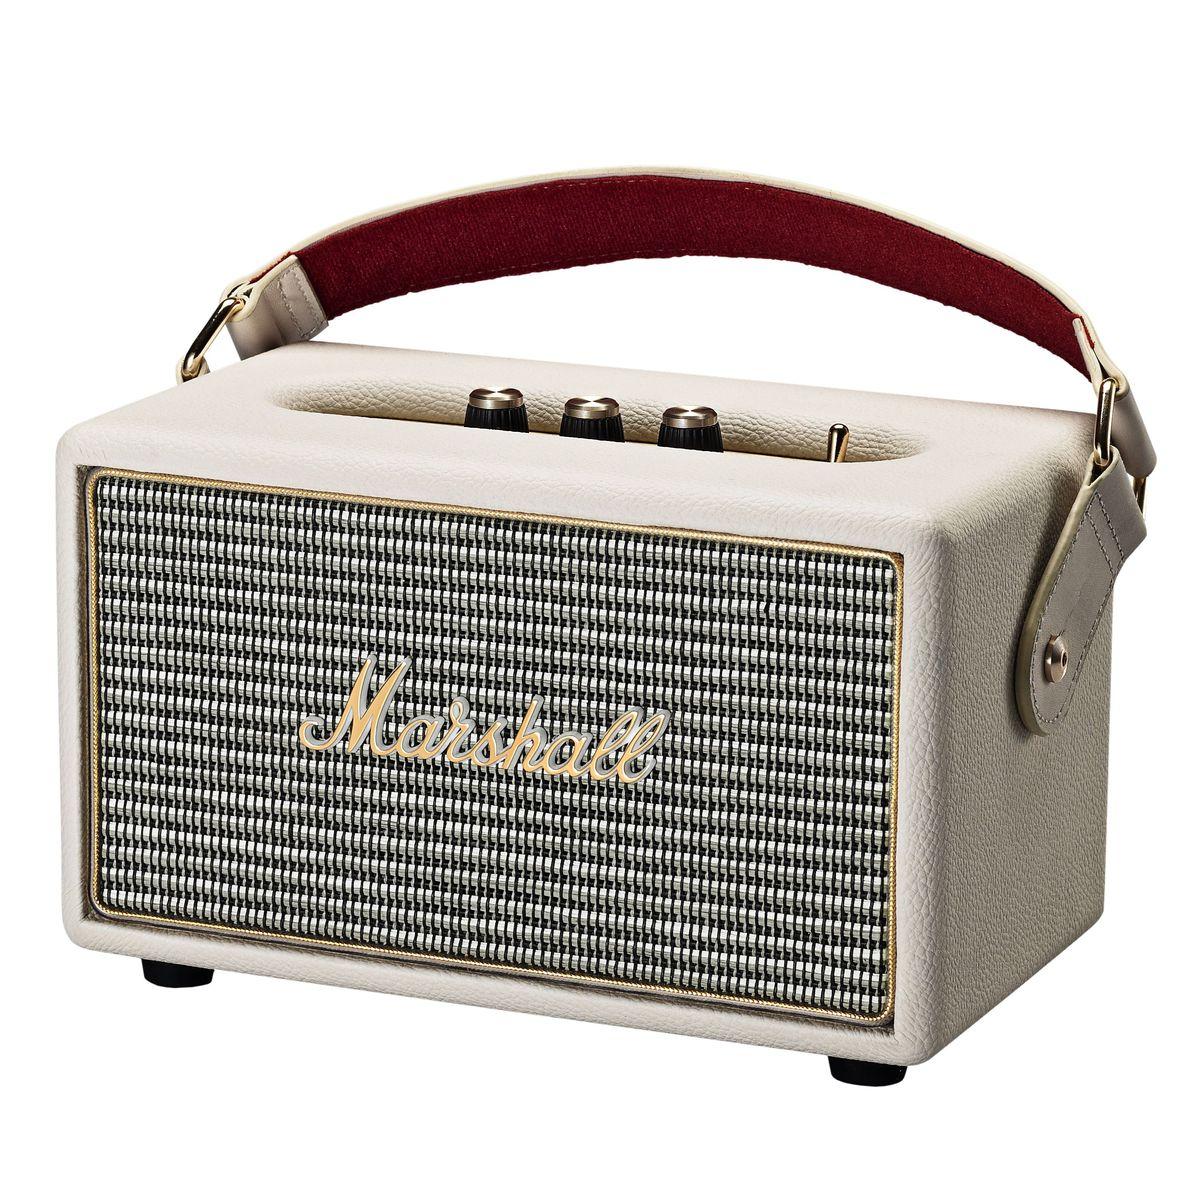 Marshall Kilburn, Cream акустическая система7340055313841The Kilburn – это первая колонка в линейке акустики Marshall, освобожденная от проводов. Небольшая, весом всего в 3 килограмма, она может похвастаться одними из самых громких динамиков в своем классе, которые обеспечивают не только мощный бас, но и широкую звуковую сцену, четкую панораму и детализированное звучание.По традиции устройство выполнено в стиле олдскульных гитарных усилителей: обтянутый винилом корпус, металлическая решетка на динамиках с легендарным логотипом на ней, аналоговые переключатели и ручки регулировок золотого цвета.Путешествуйте налегке вместе с Marshall Kilburn: кожаный ремешок в гитарном стиле позволит брать с собой колонку в любые путешествия, а встроенный аккумулятор обеспечит до 18 часов наслаждения вашей любимой музыкой без подзарядки.Частота кроссовера: 4200 ГцКак выбрать портативную колонку. Статья OZON Гид